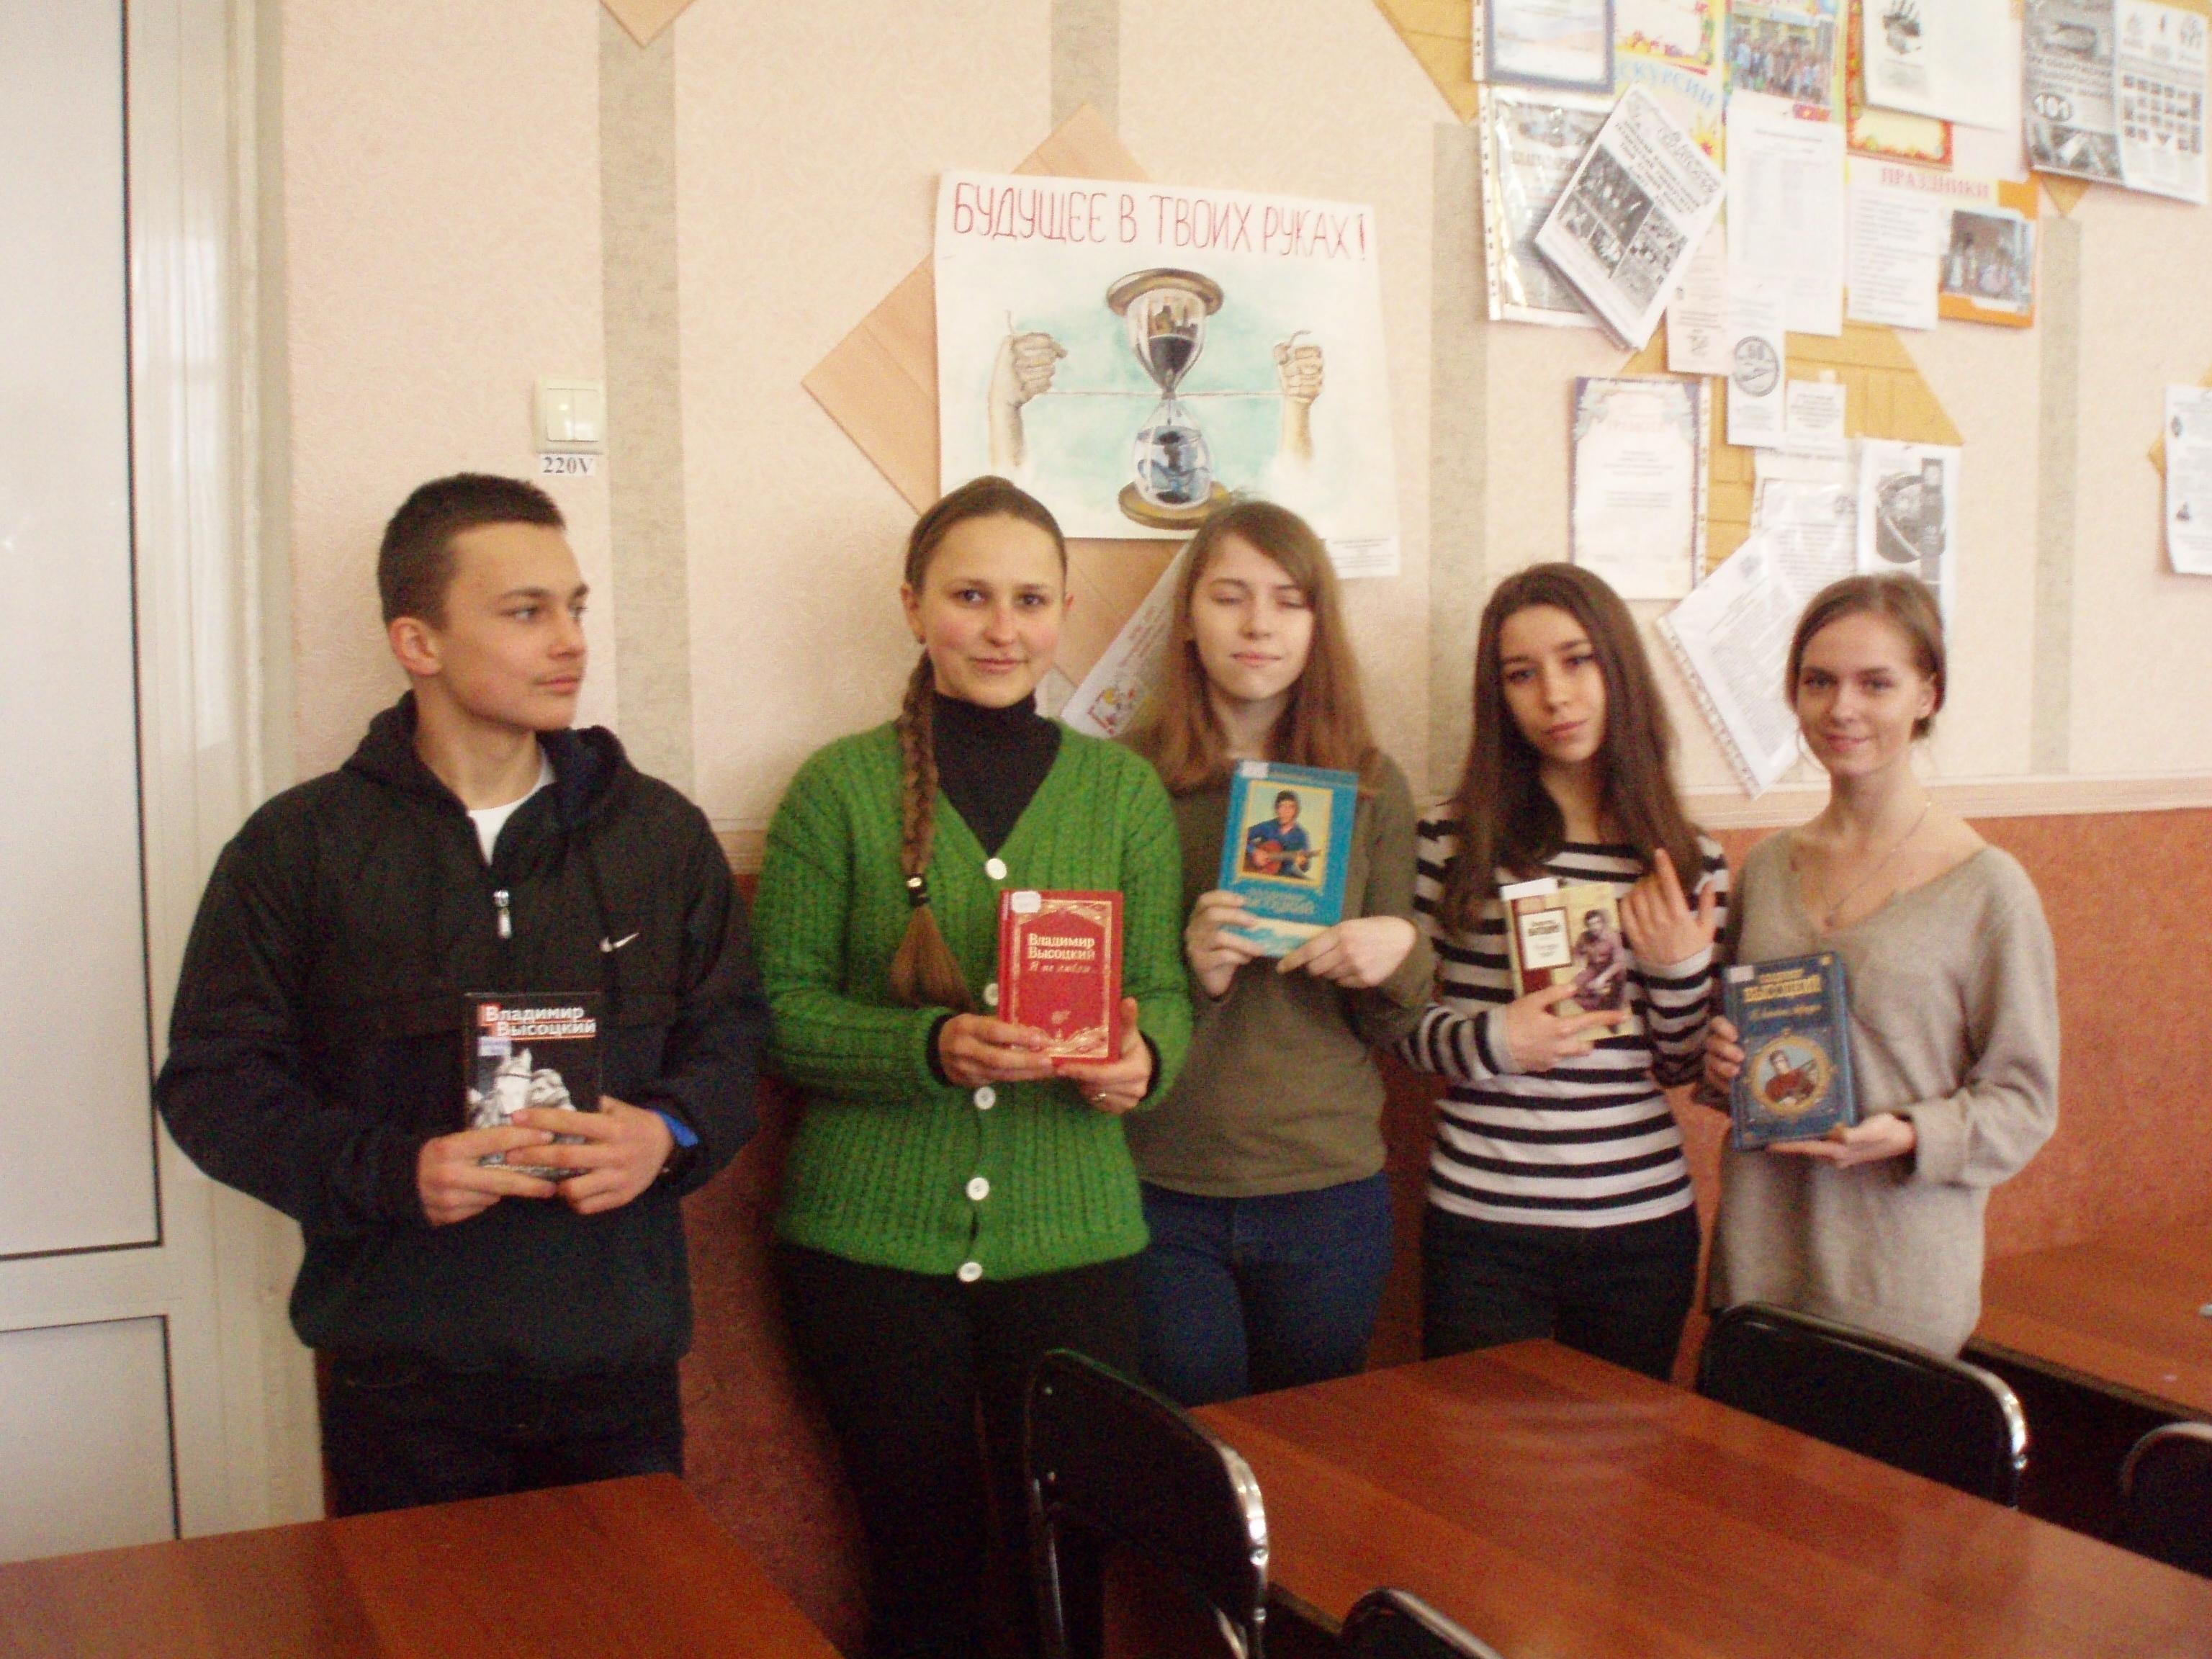 владимир высоцкий, донецкая республиканская библиотека для детей, отдел обслуживания учащихся 5-9 классов, занятия с детьми